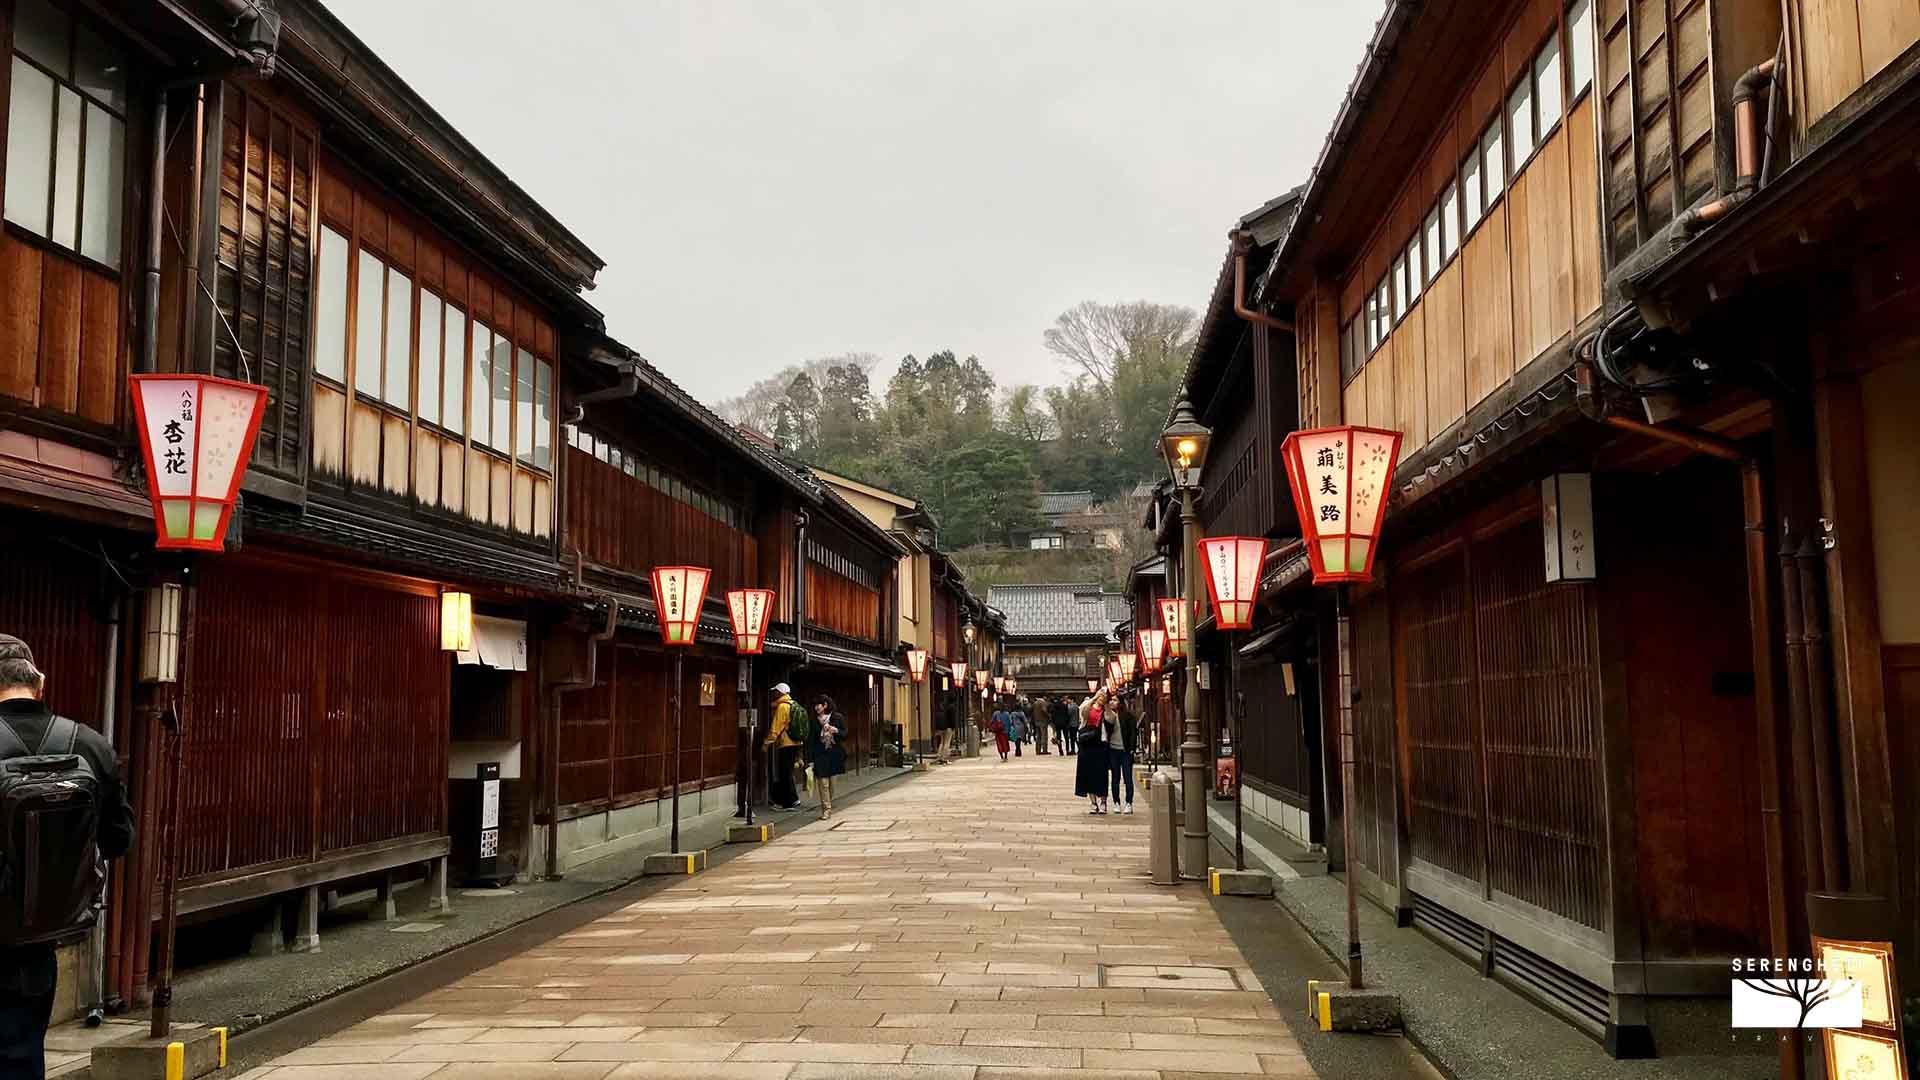 kanazawa-quartiere-Higashi-Chaya